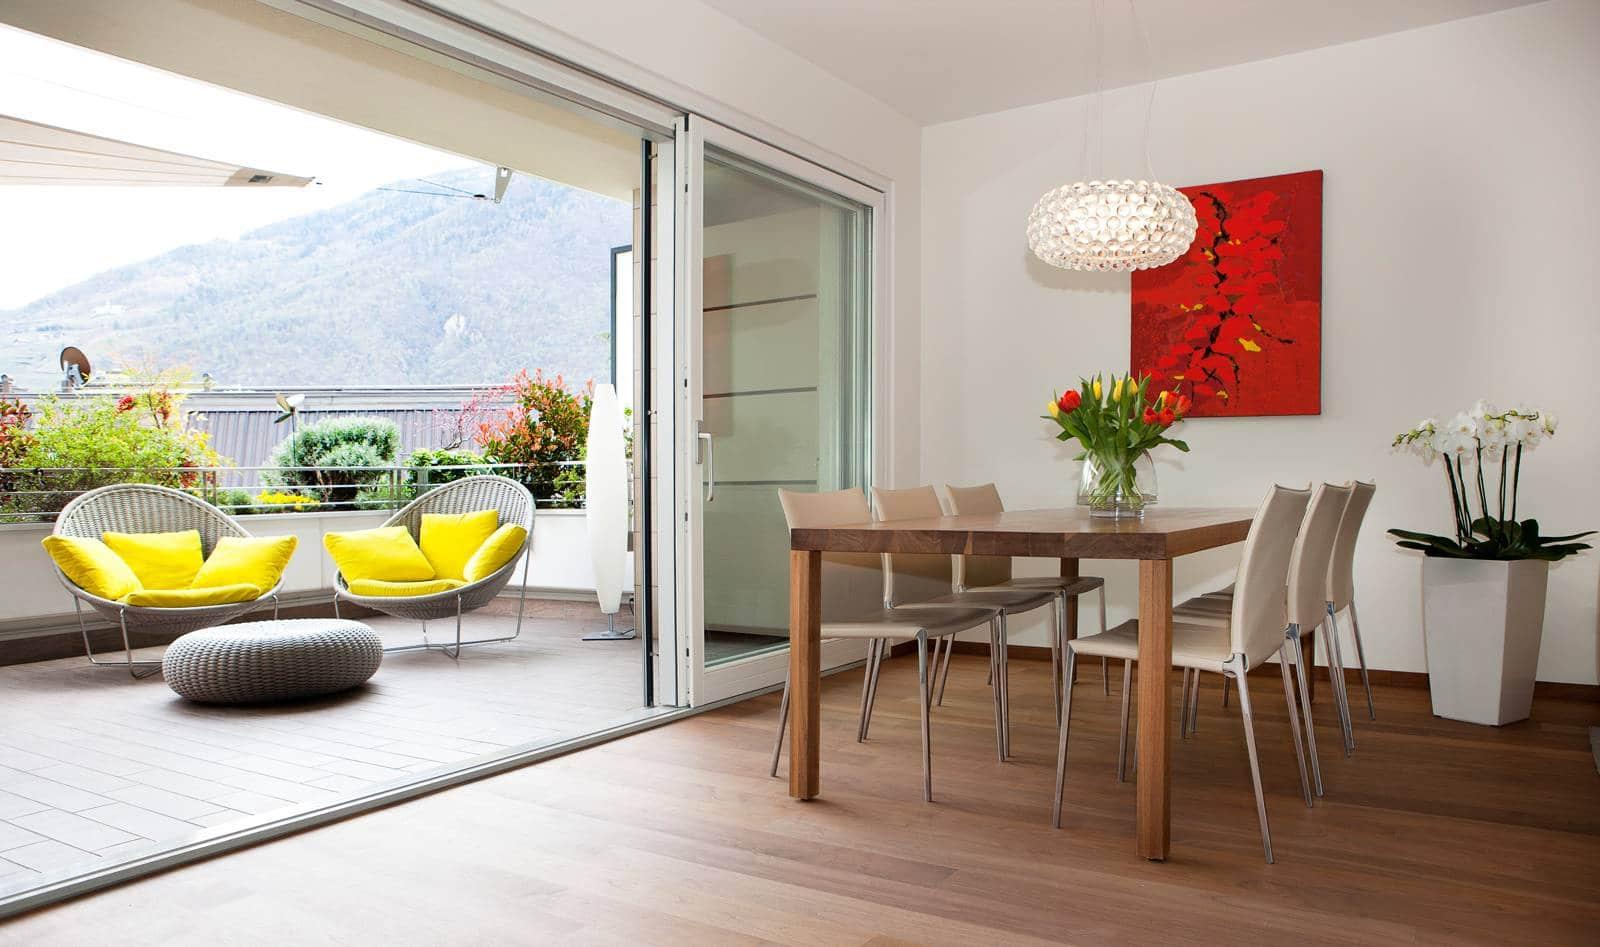 Dise o de planos de apartamento e interior for Apartamentos pequenos modernos decoracion